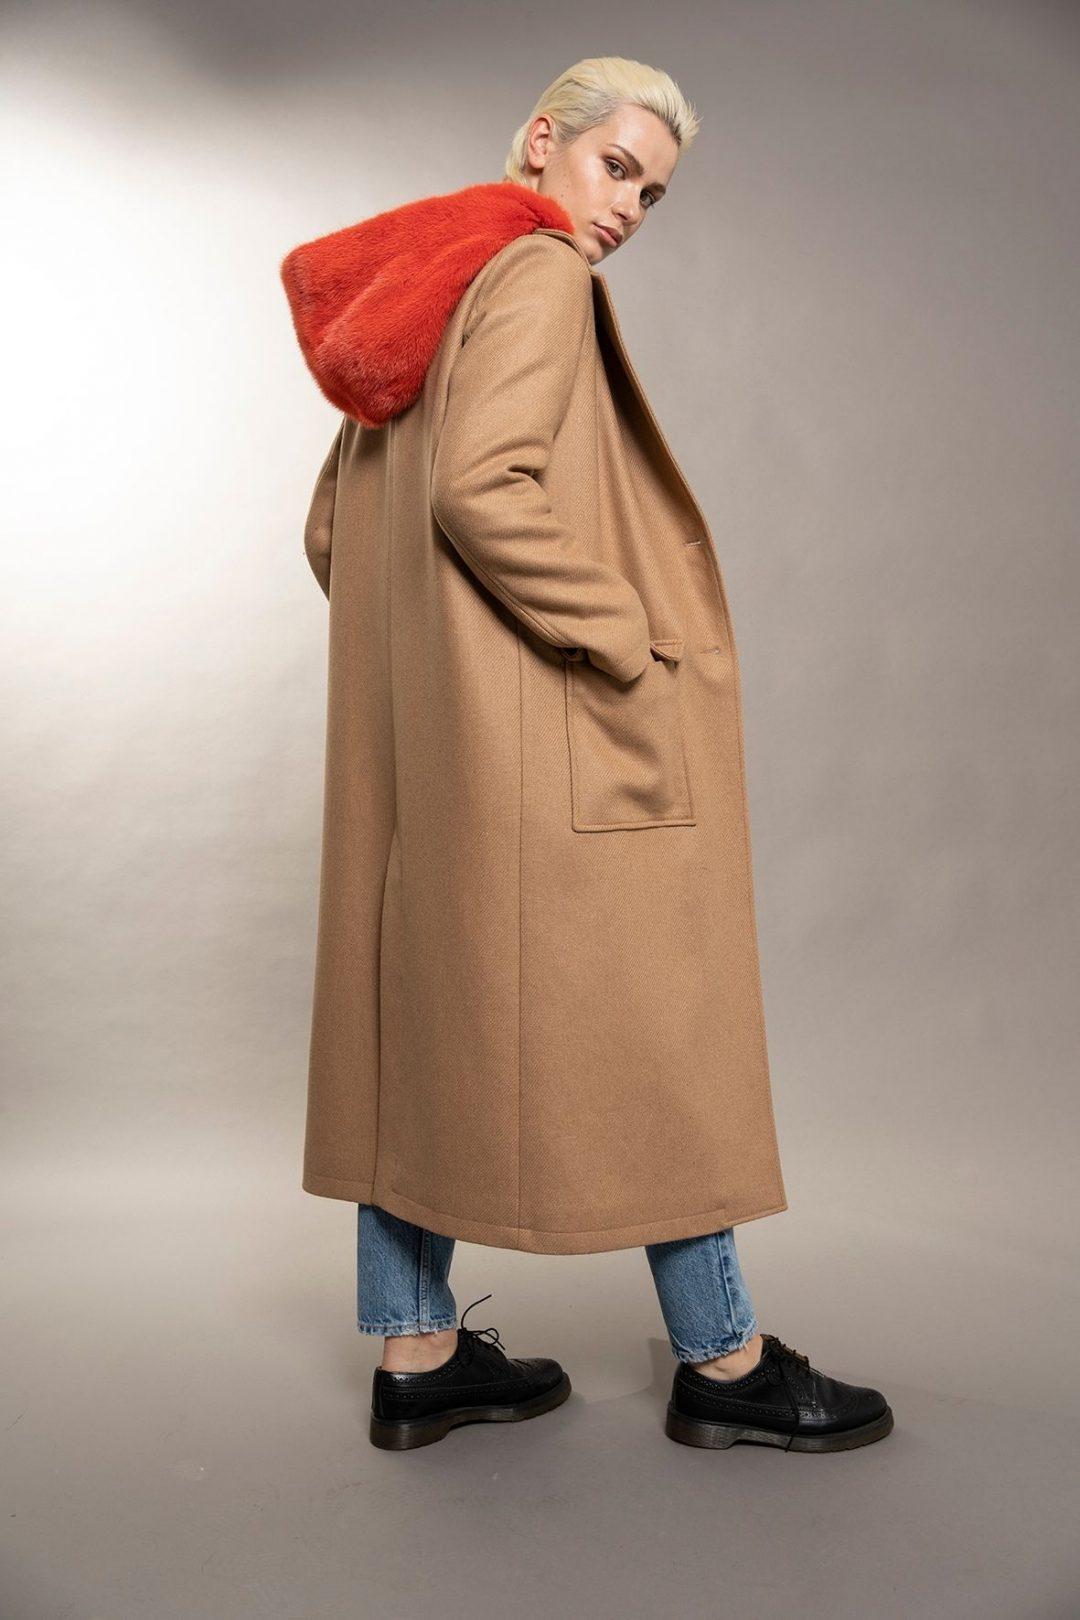 idalou collezione fall-winter 2021 pelliccia